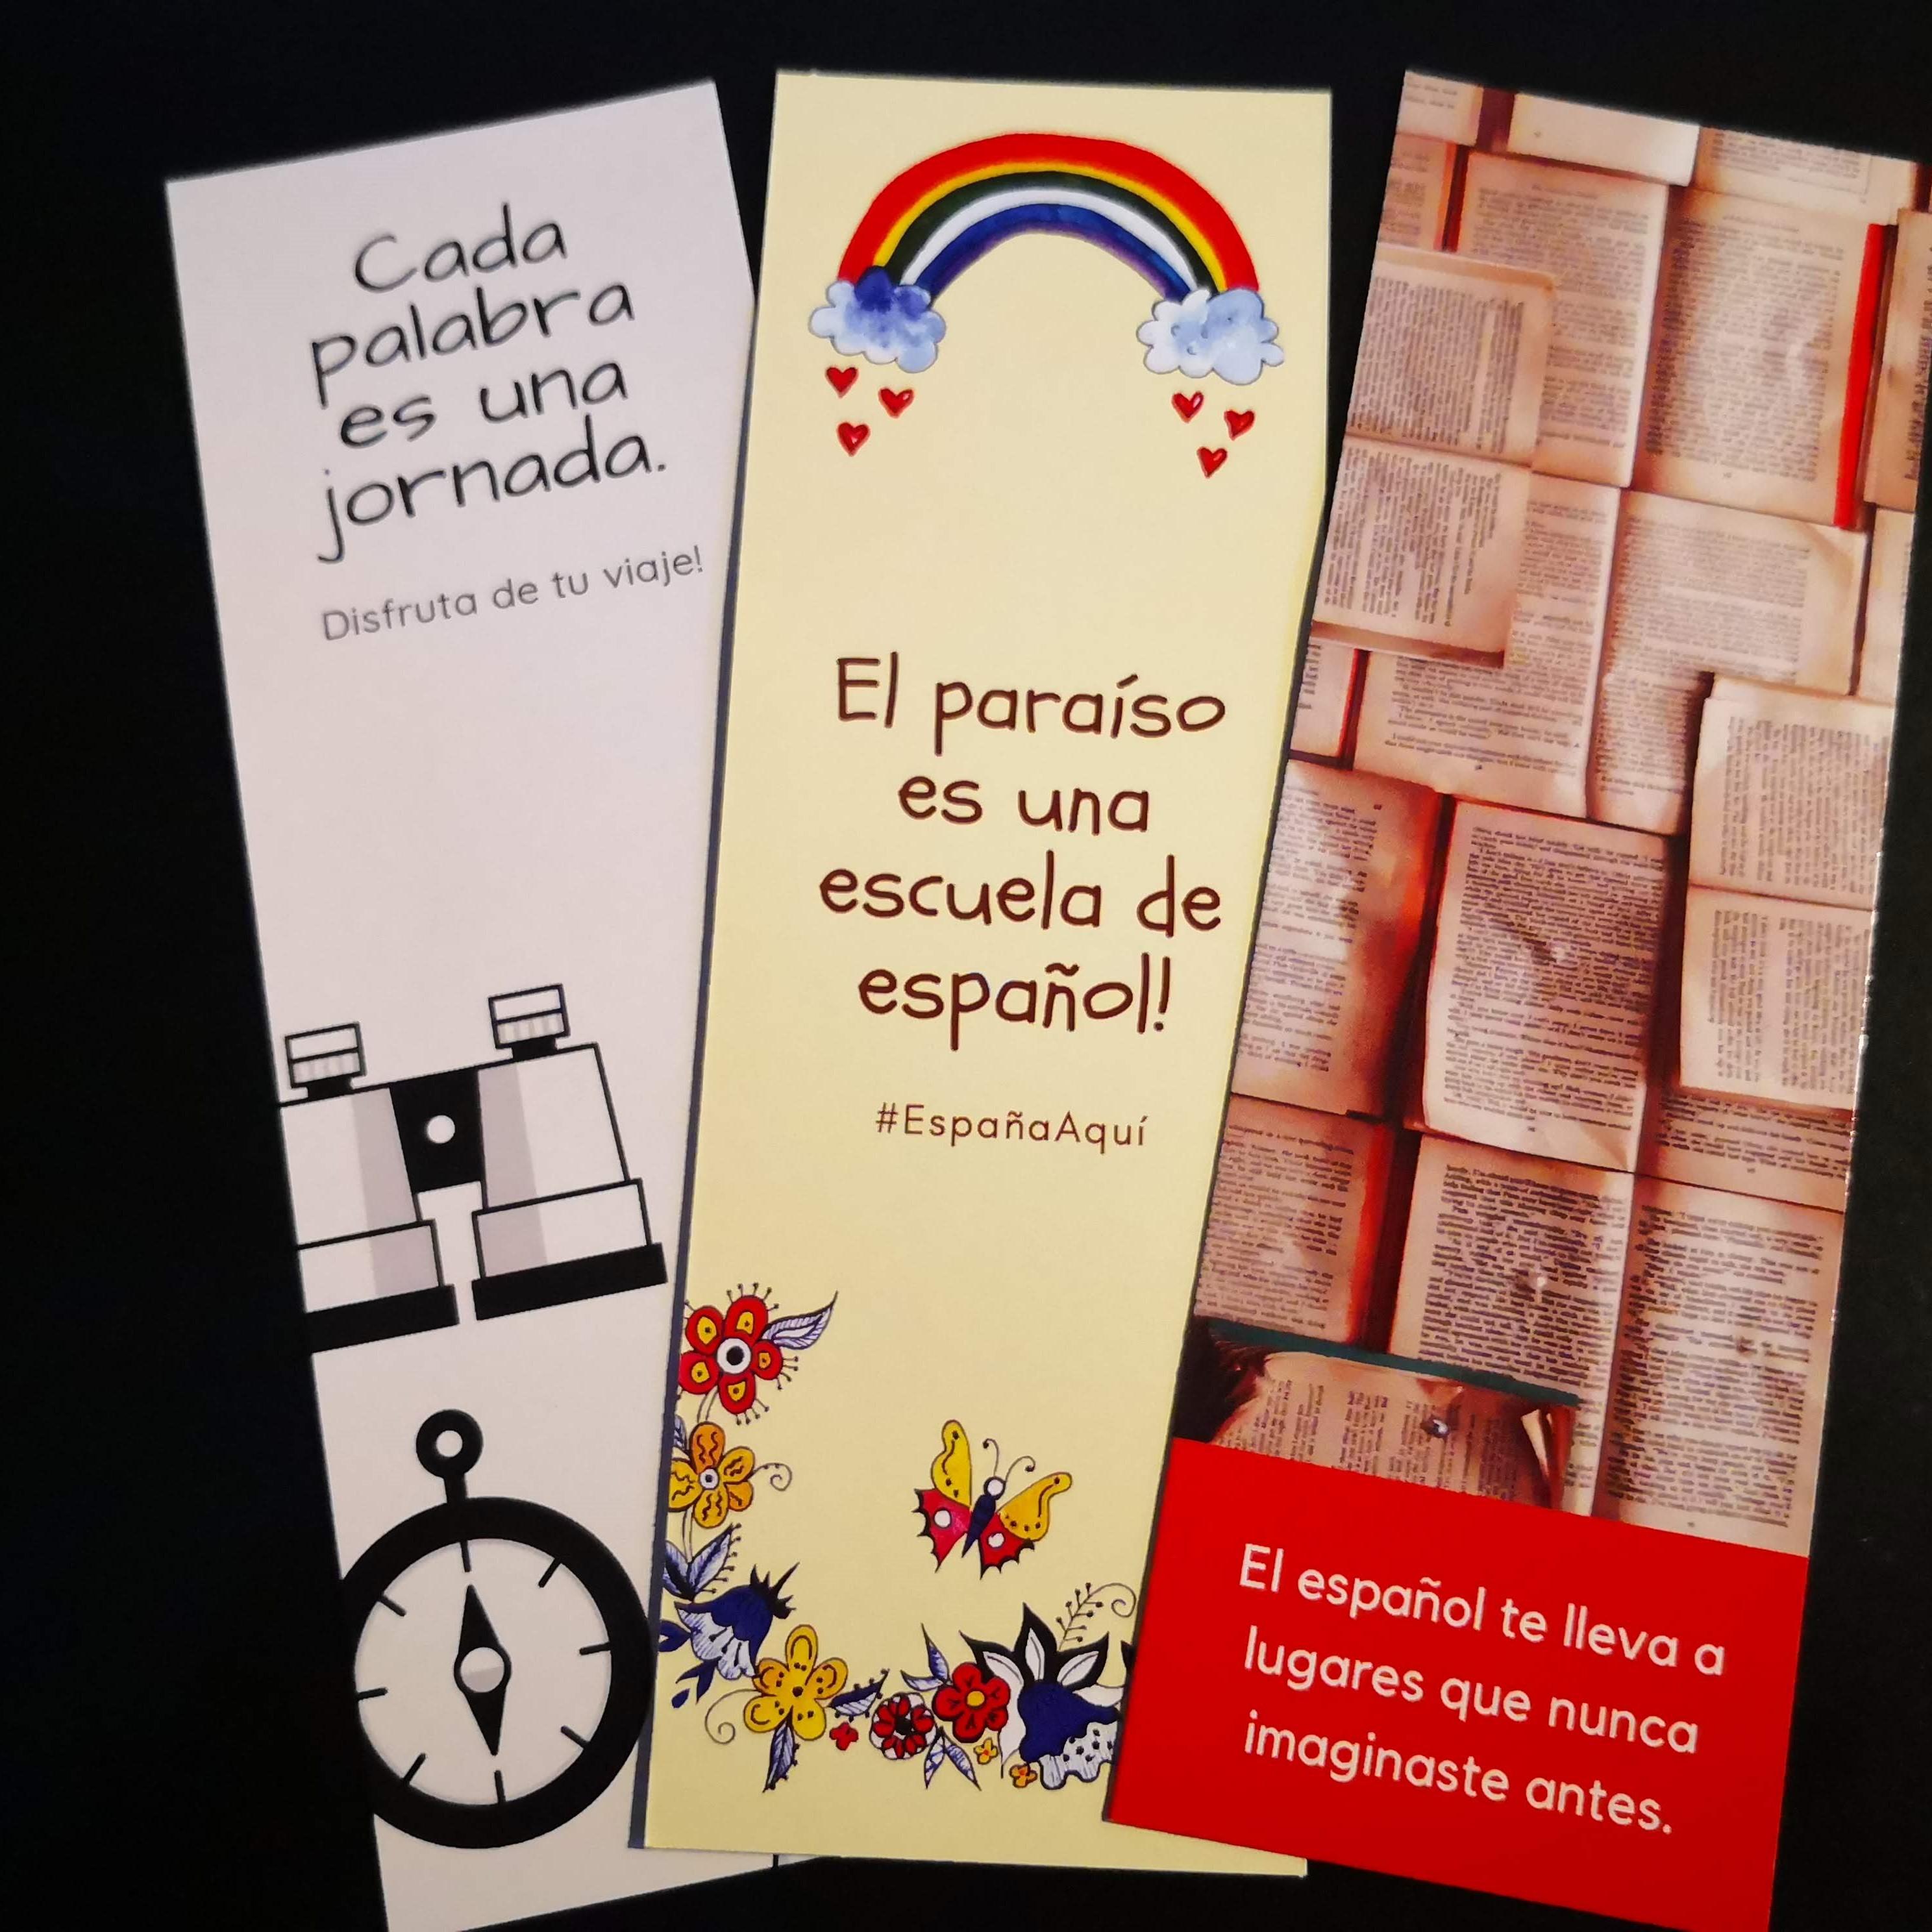 http://www.espanaaqui.com.br/pdf/Revista%20Vamos%20Contigo/Setembro/marca.jpg